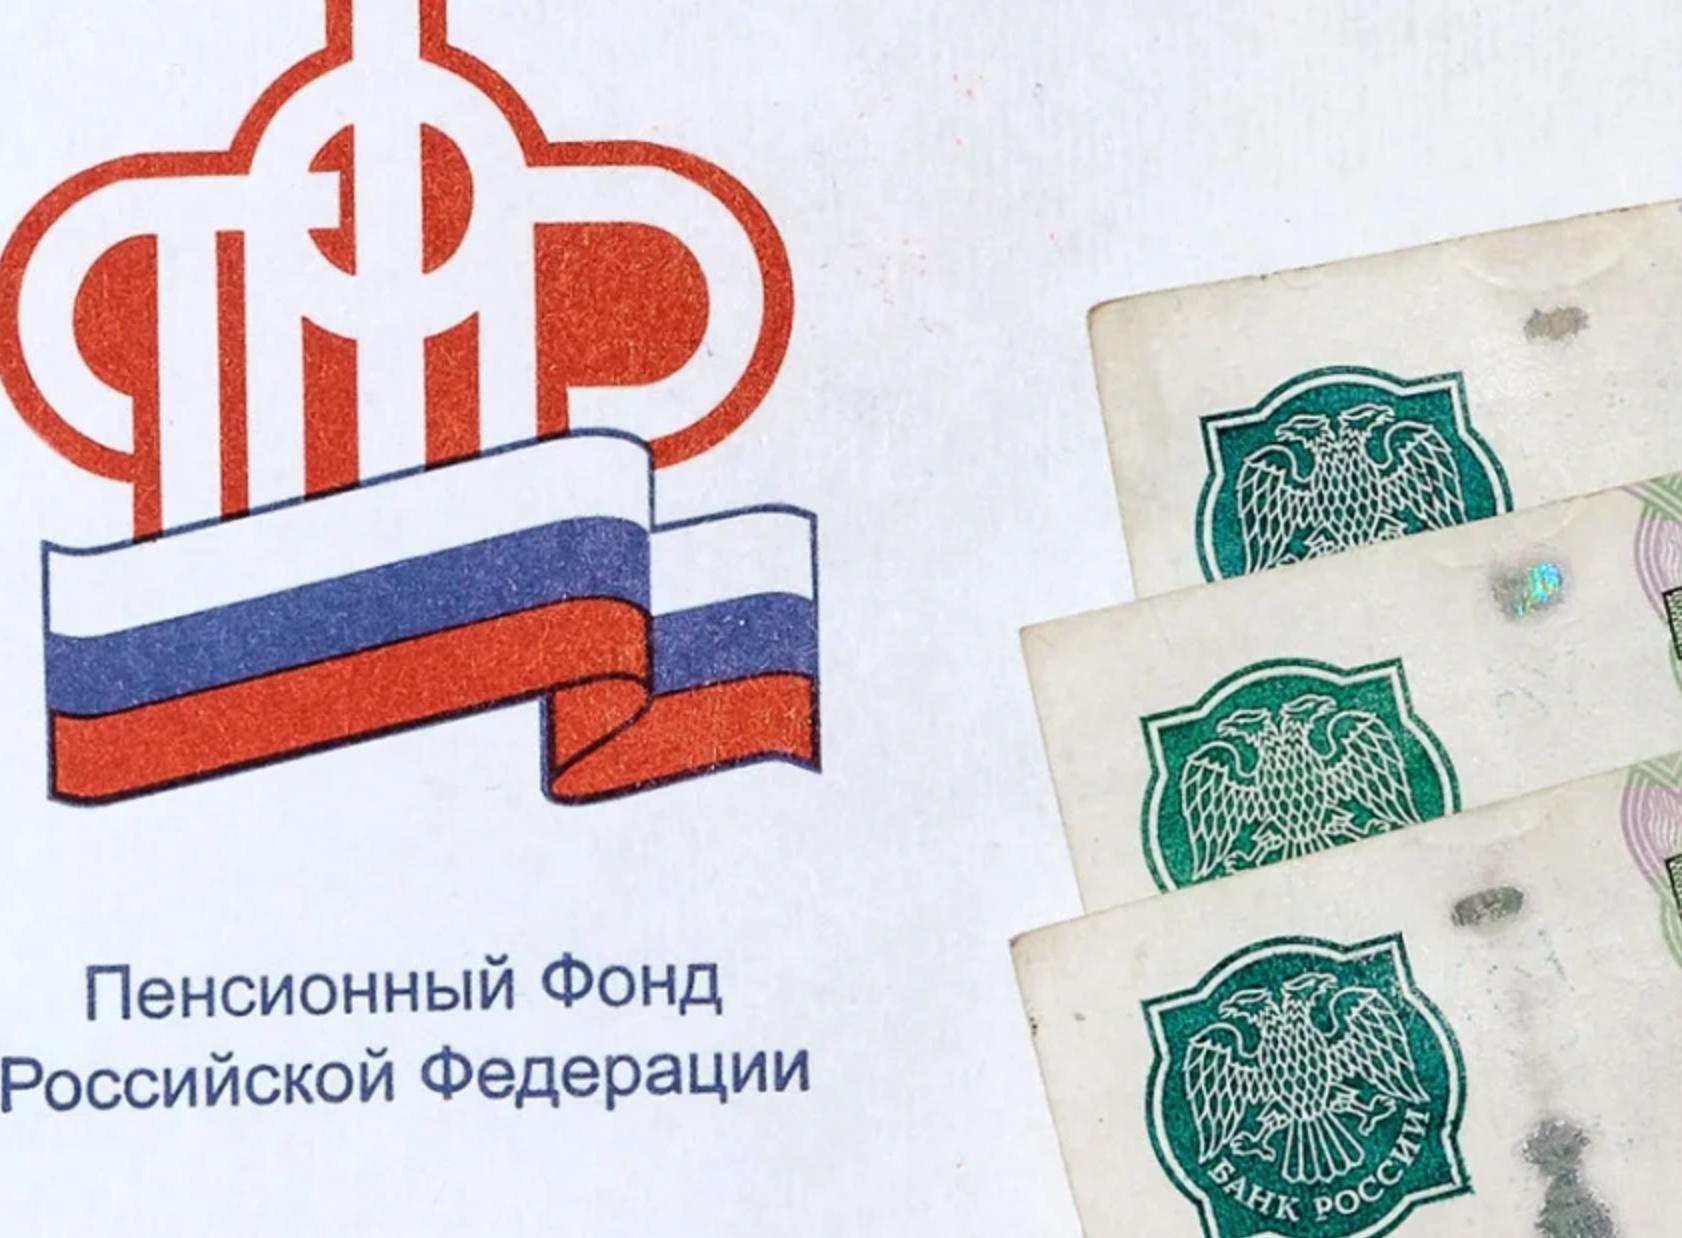 Кому переведут больше 10 тыс. рублей уже в начале марта 2021 года из ПФР?